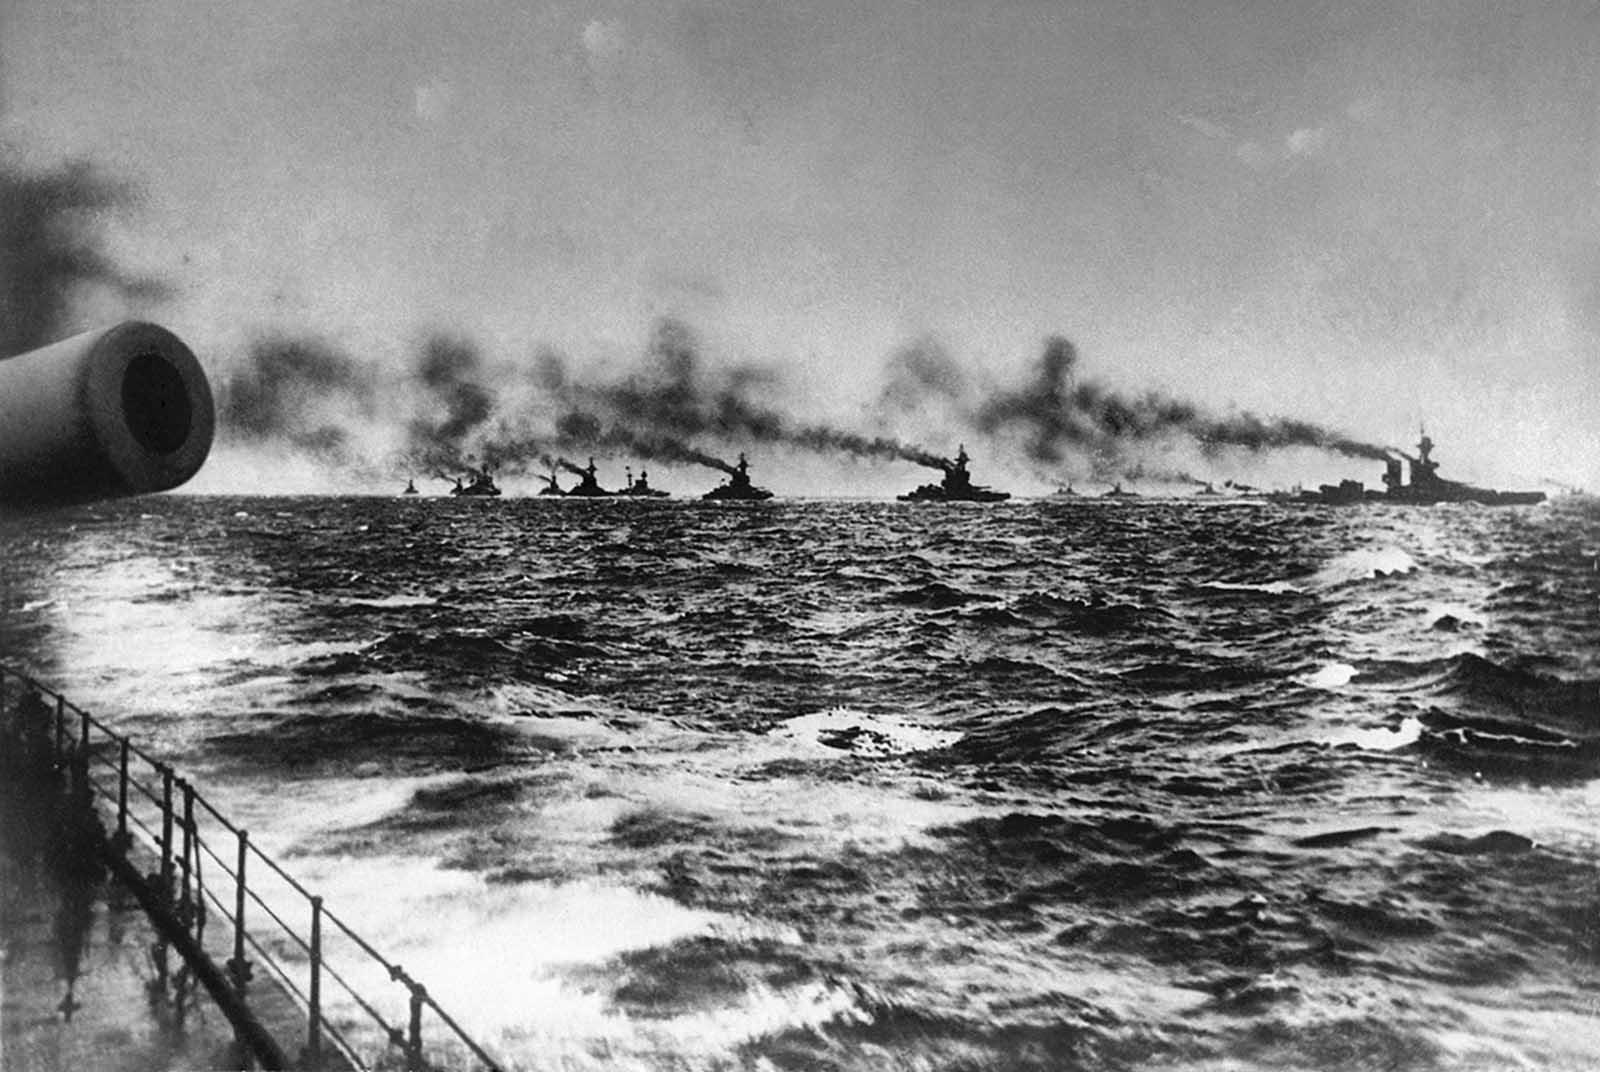 A brit nagy flotta John Jellicoe admirális irányítása alatt áll, hogy találkozzon a német császári haditengerészet flottájával a Jütland északi-tengeri csatájára 1916. május 31-én.